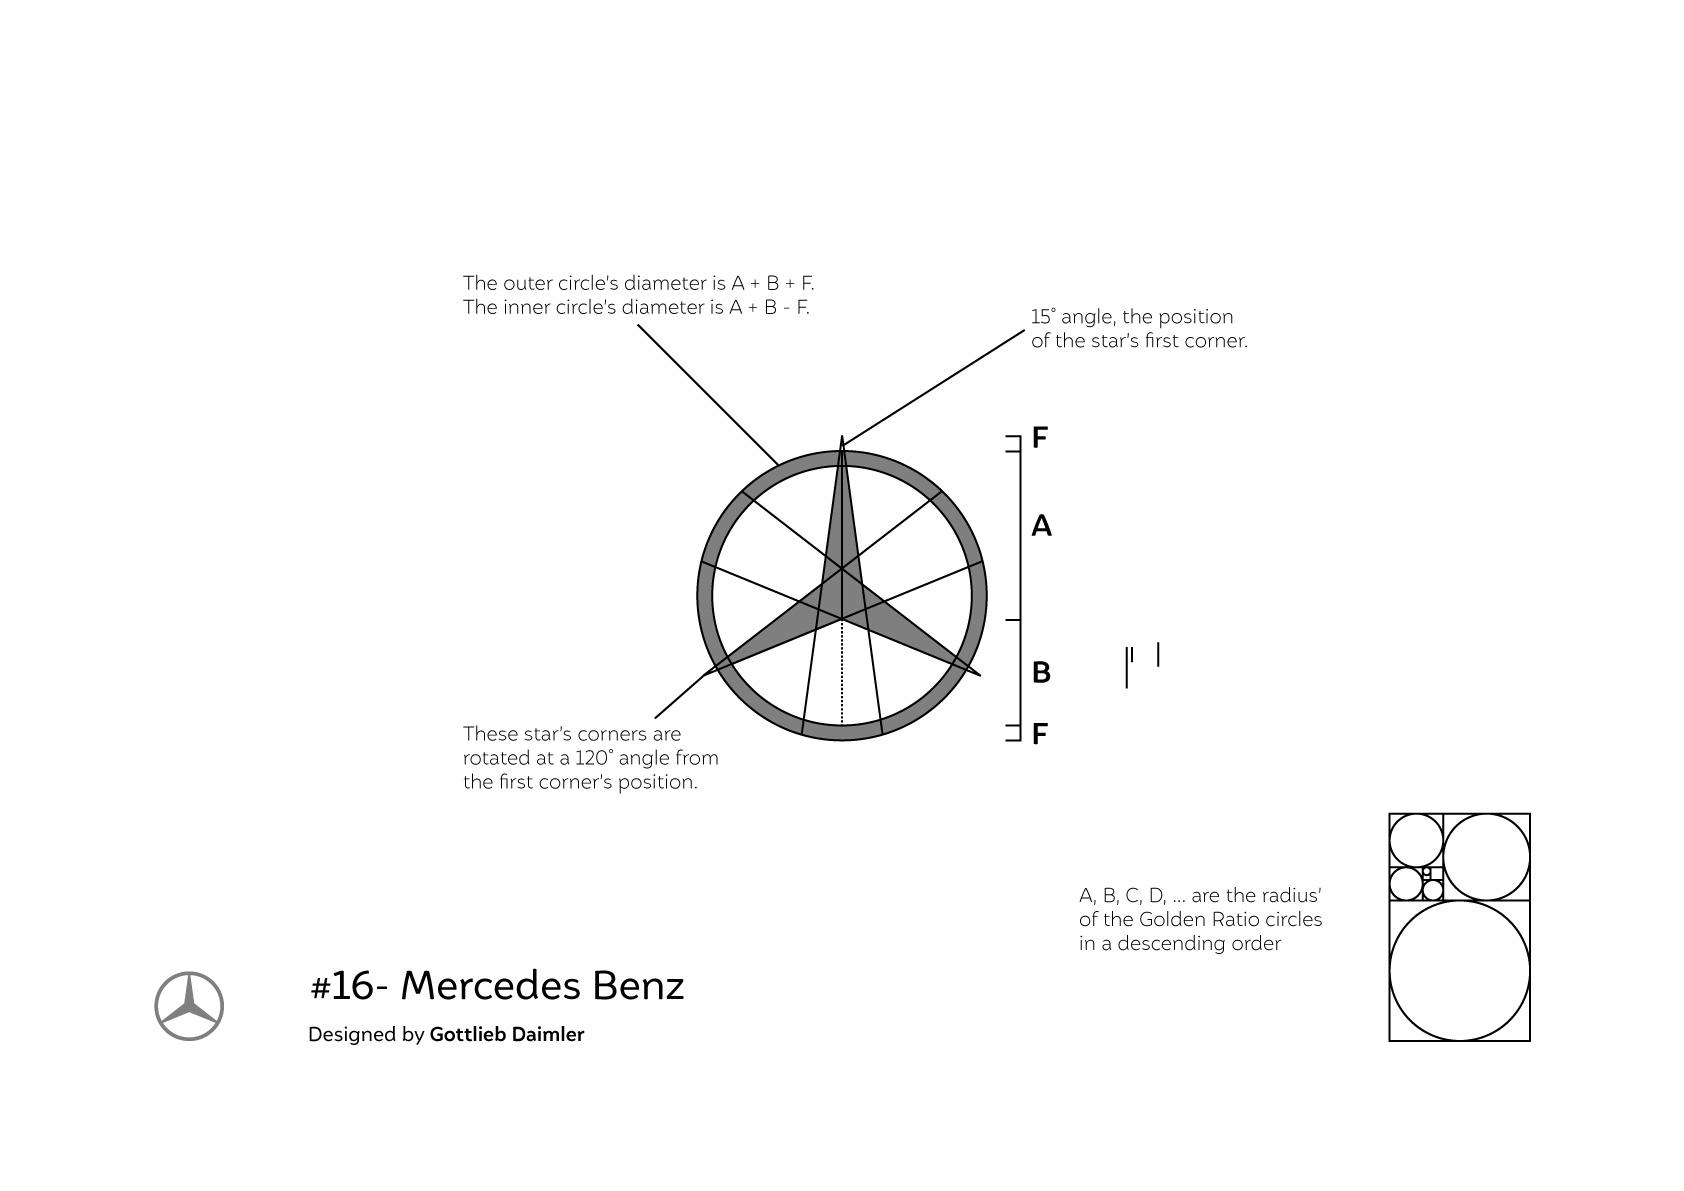 famous-logo-grids-2-6-mercedes